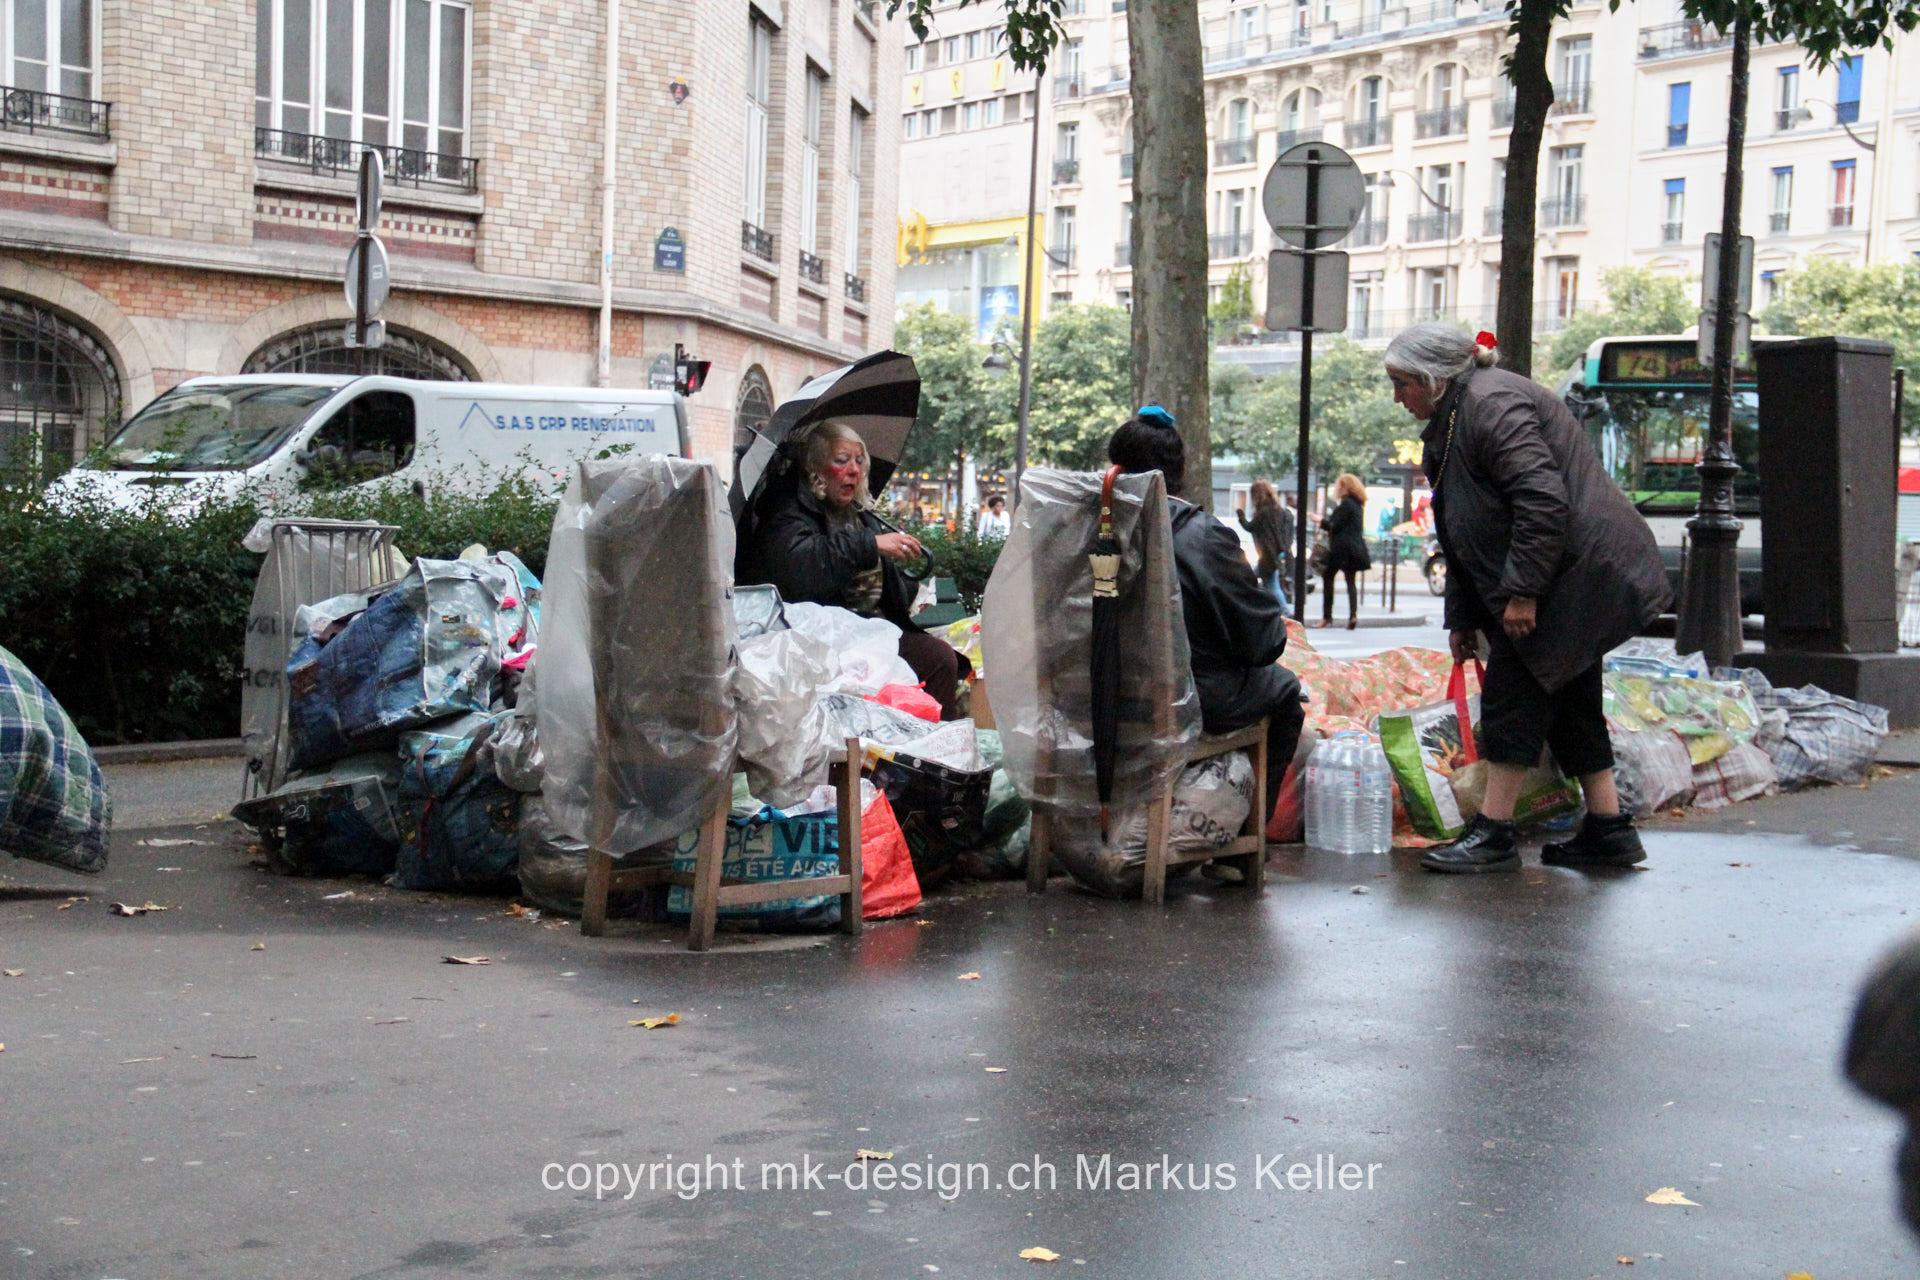 Mensch   Bauwerk   Park/Platz/Strasse